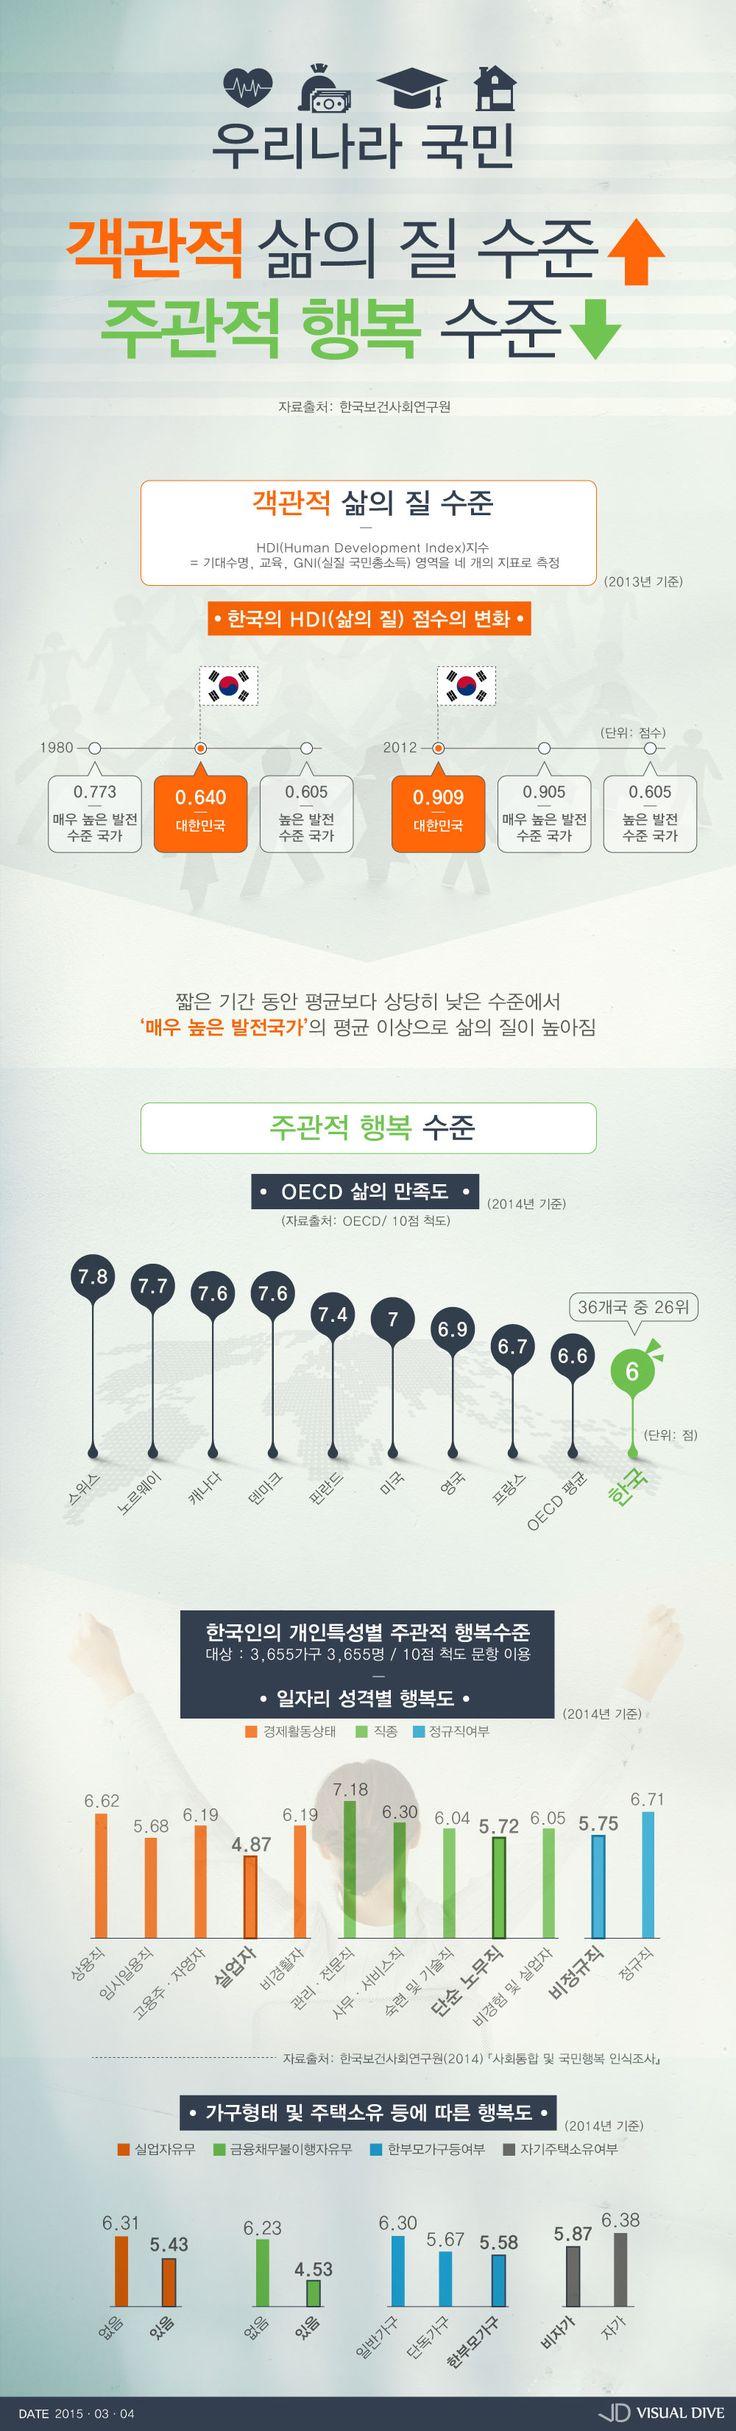 한국인, 객관적 삶의 질 높고 주관적 행복수준 낮아 [인포그래픽] #life / #Infographic ⓒ 비주얼다이브 무단 복사·전재·재배포 금지